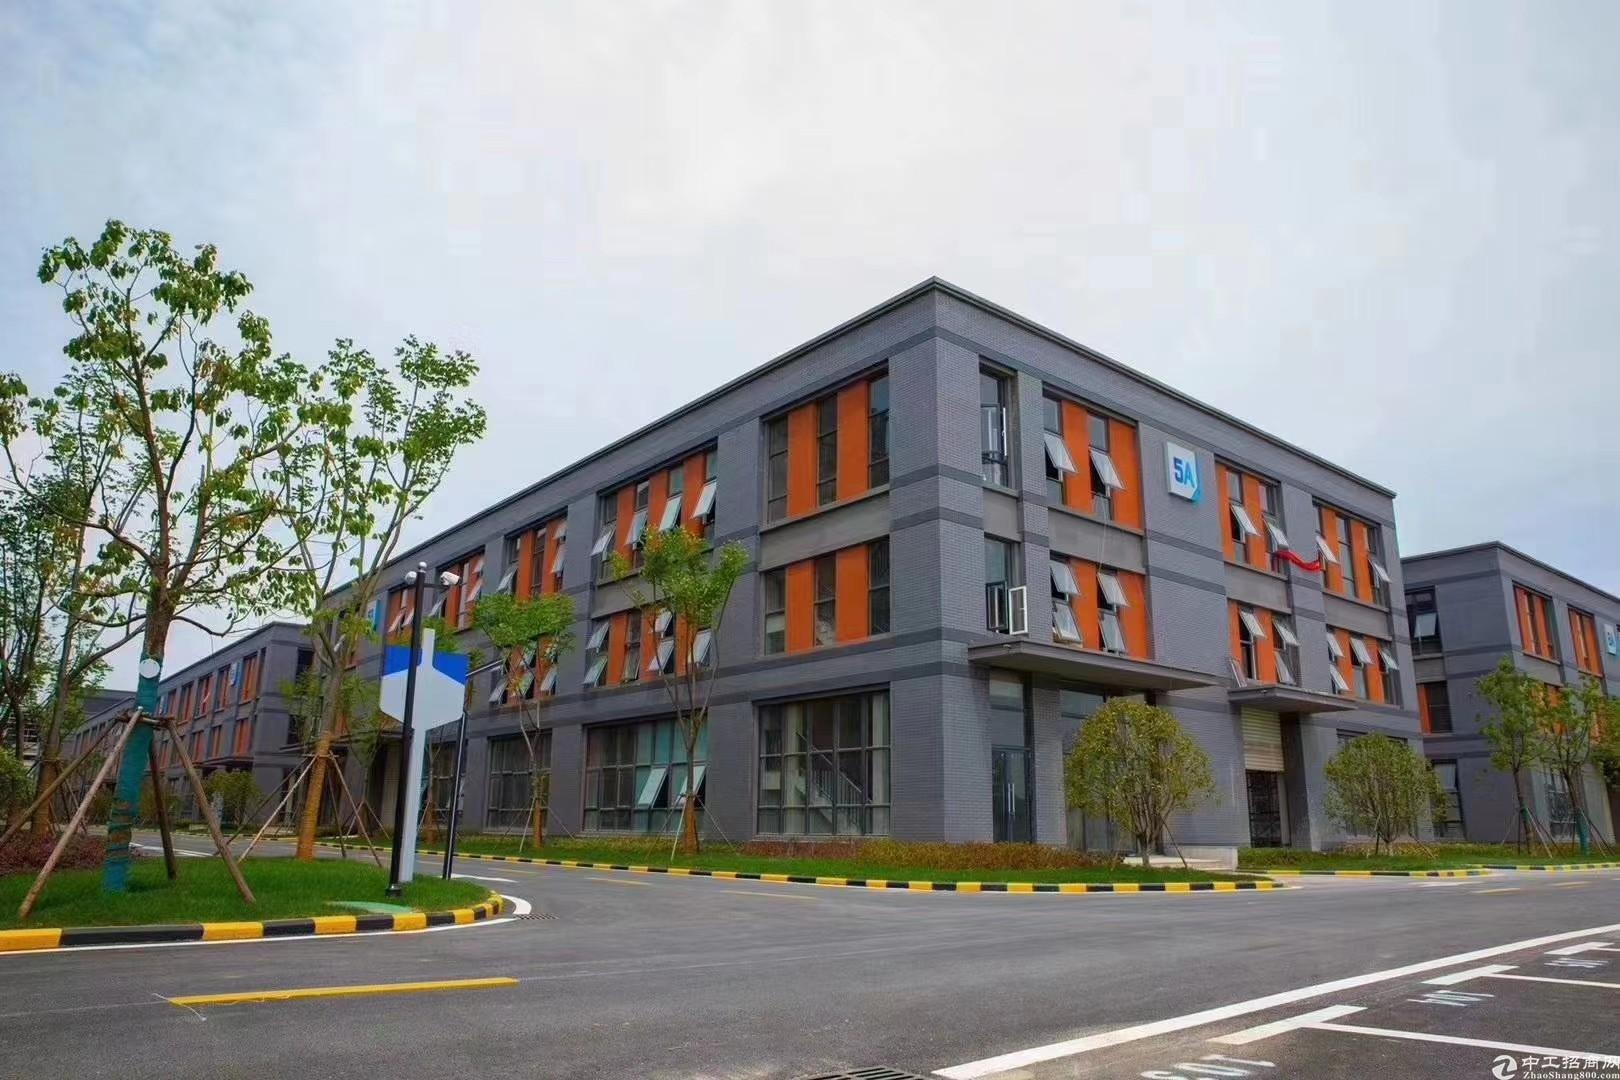 环南京布局长三角价格洼地发展空间大现房厂房品牌开发商